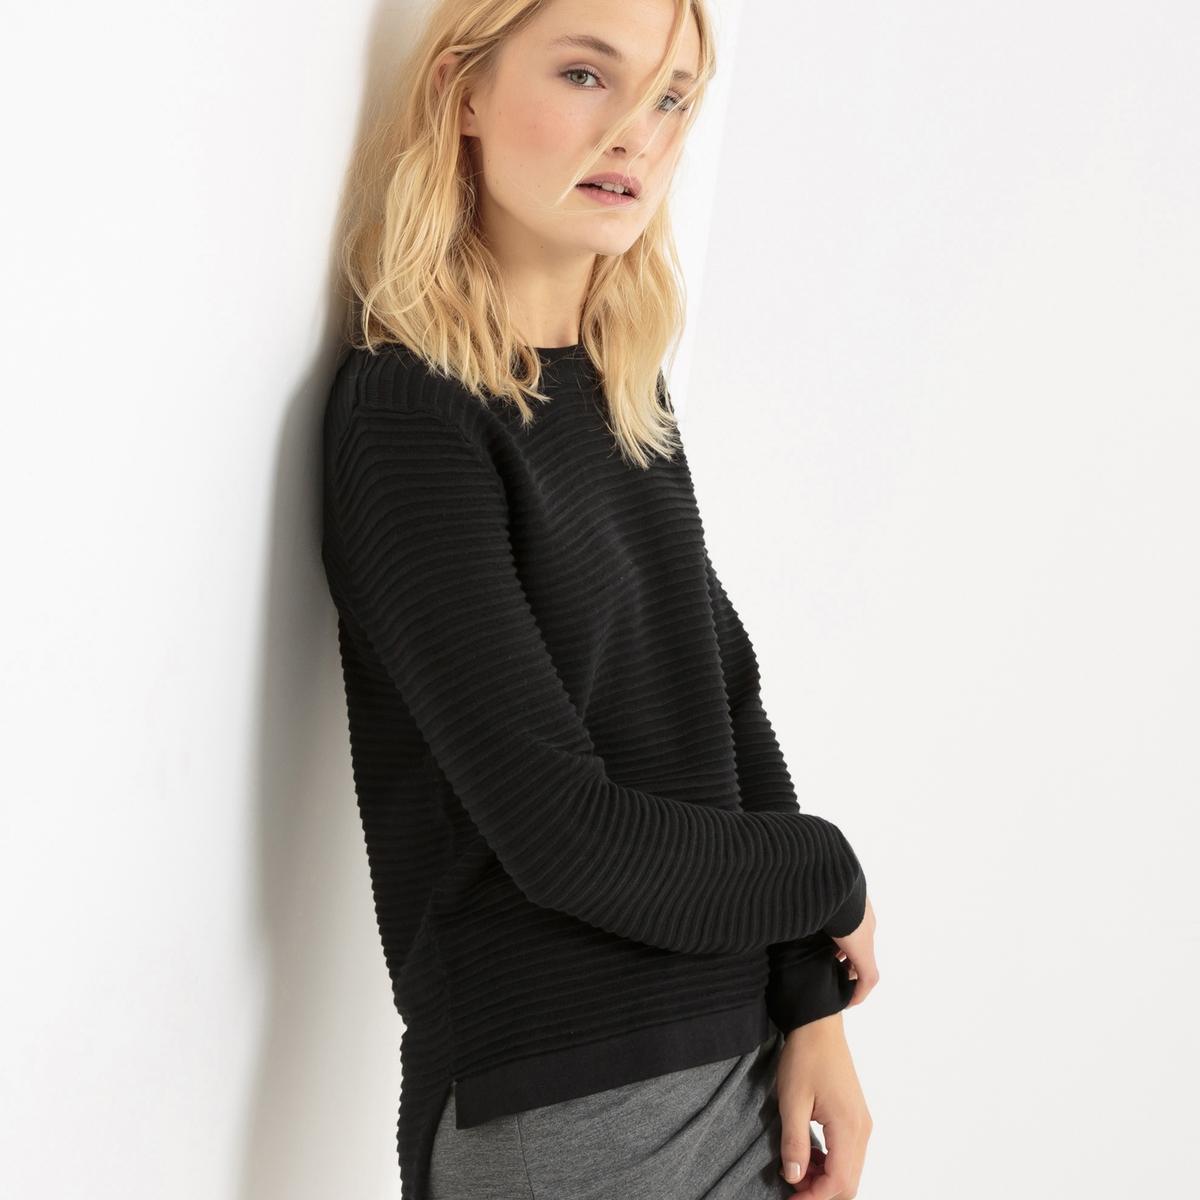 Пуловер с длинными рукавамиМатериал : 50% акрила, 50% хлопка Длина рукава : Длинные рукава Форма воротника : Круглый вырез Покрой пуловера : Стандартный Рисунок : Однотонная модель<br><br>Цвет: черный<br>Размер: S